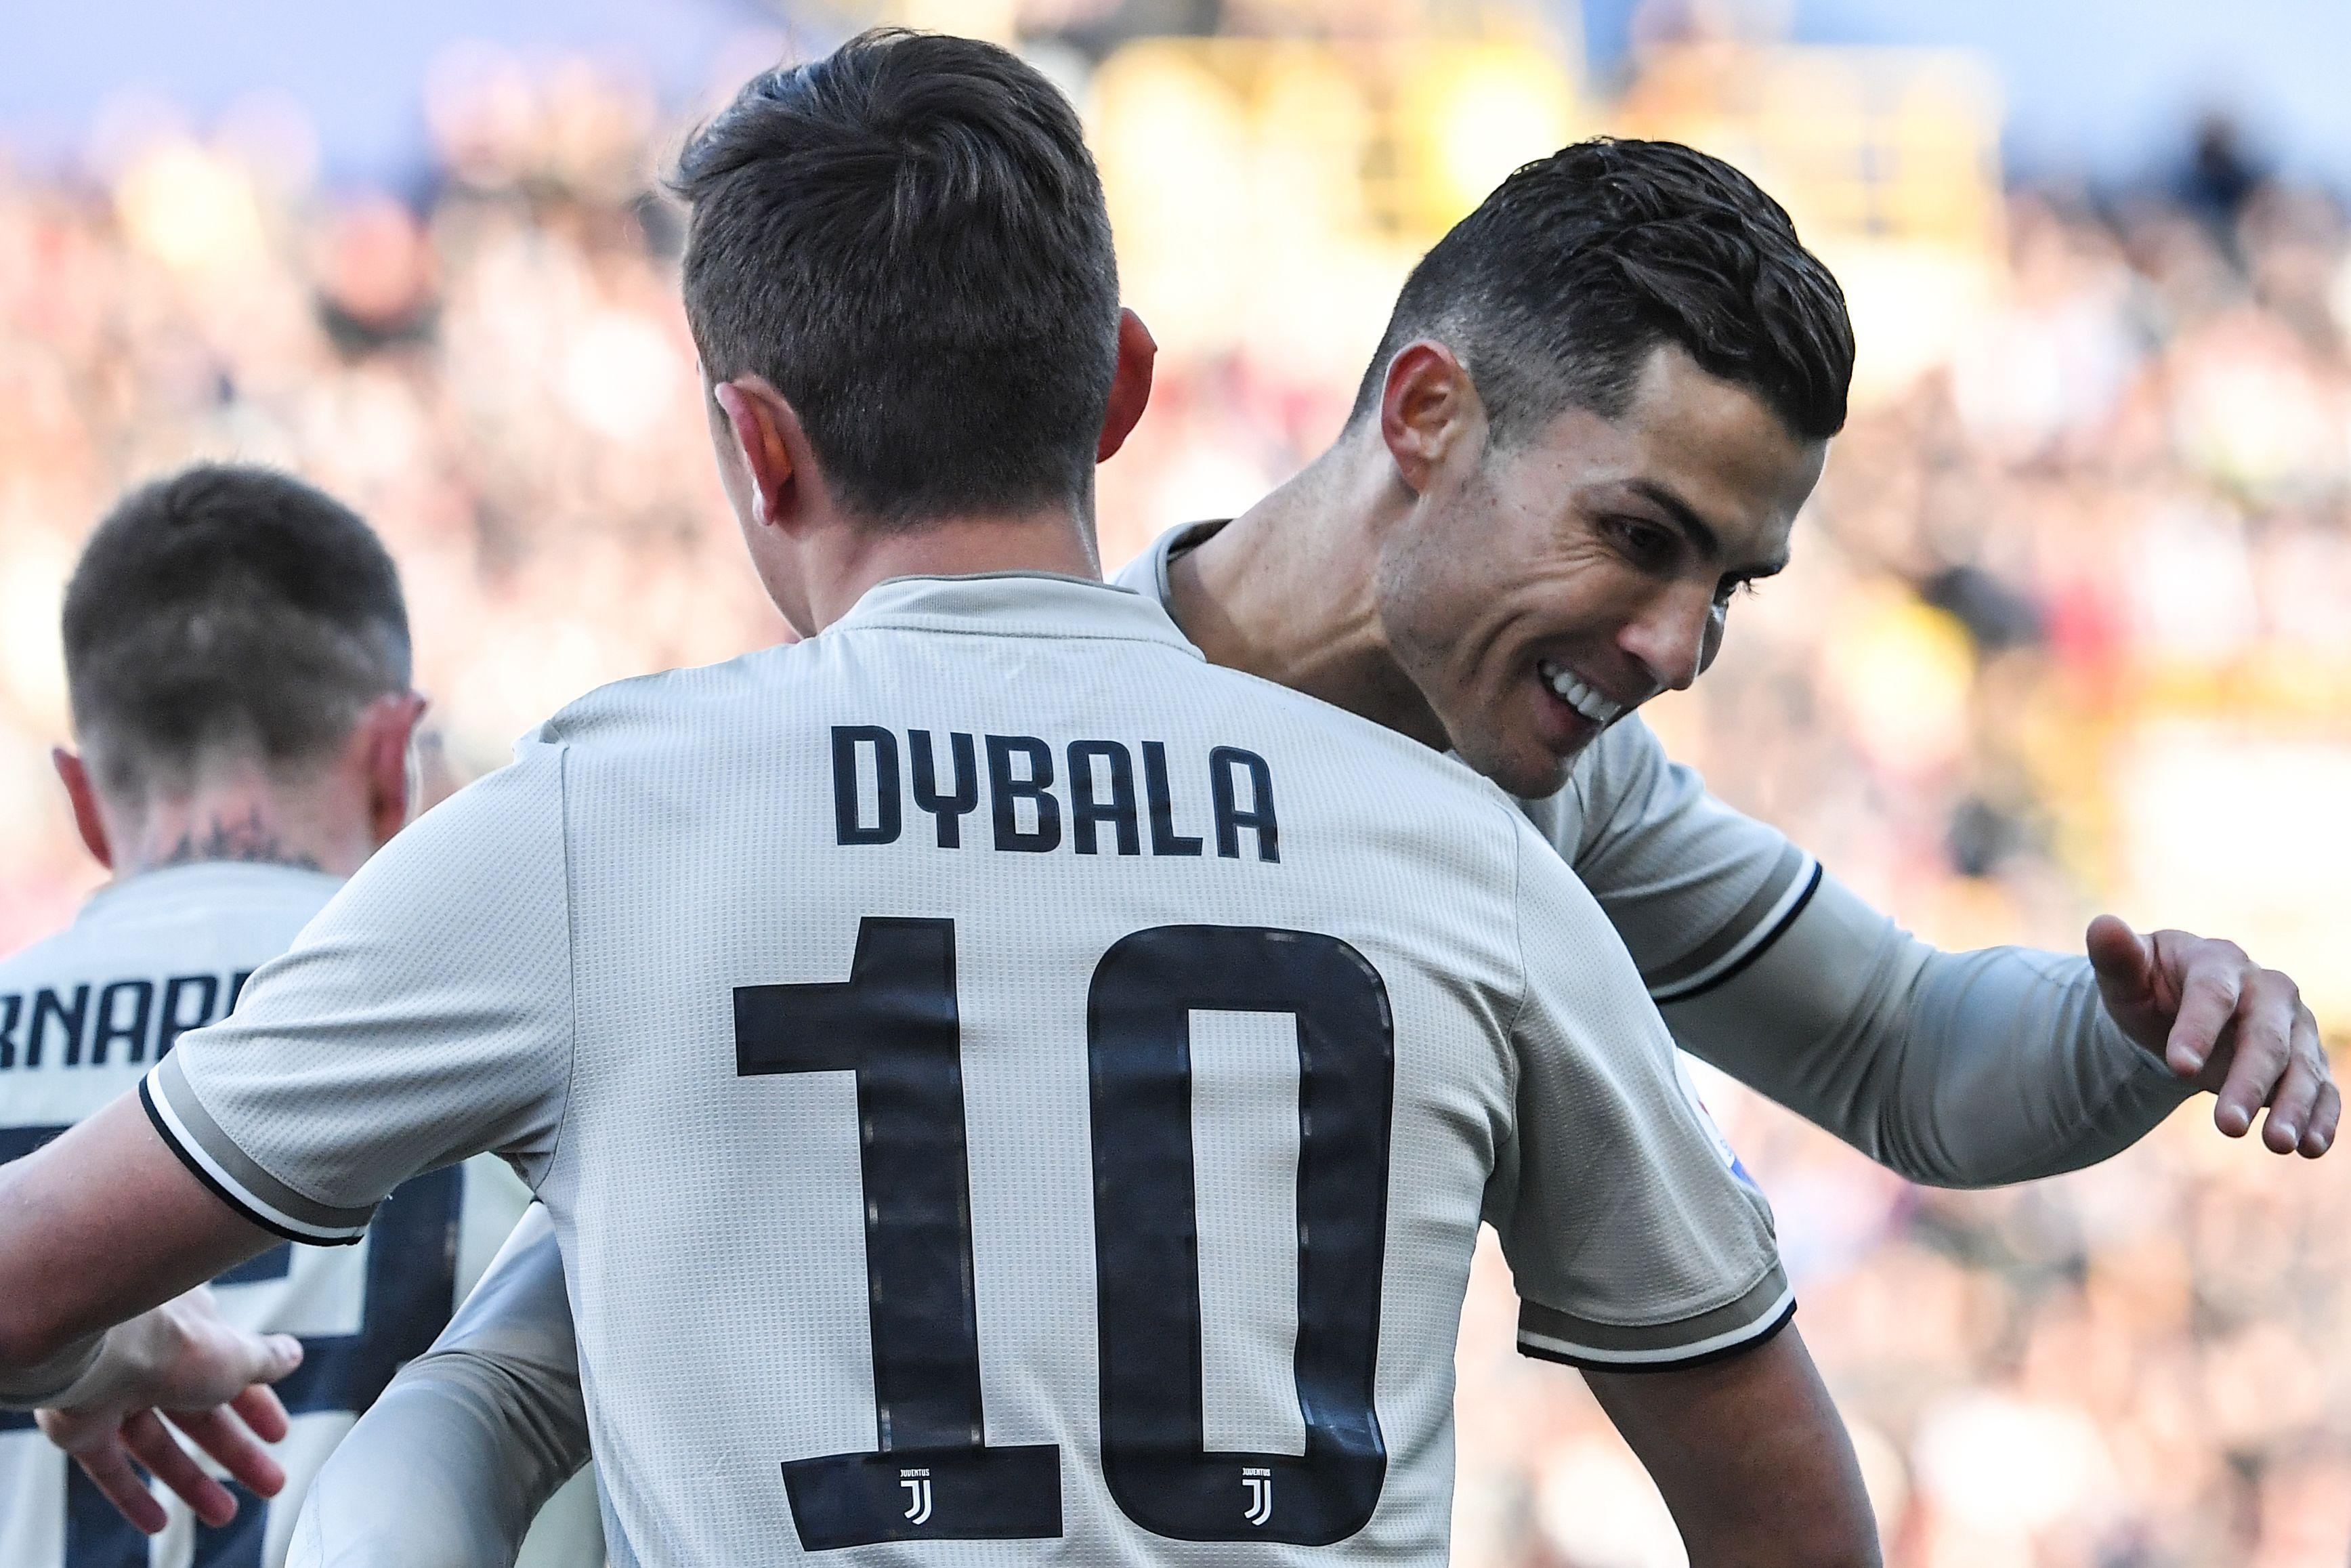 Paulo Dybala festeja con Cristiano Ronaldo, después de marcar el gol del triunfo. (Foto Prensa Libre: AFP)